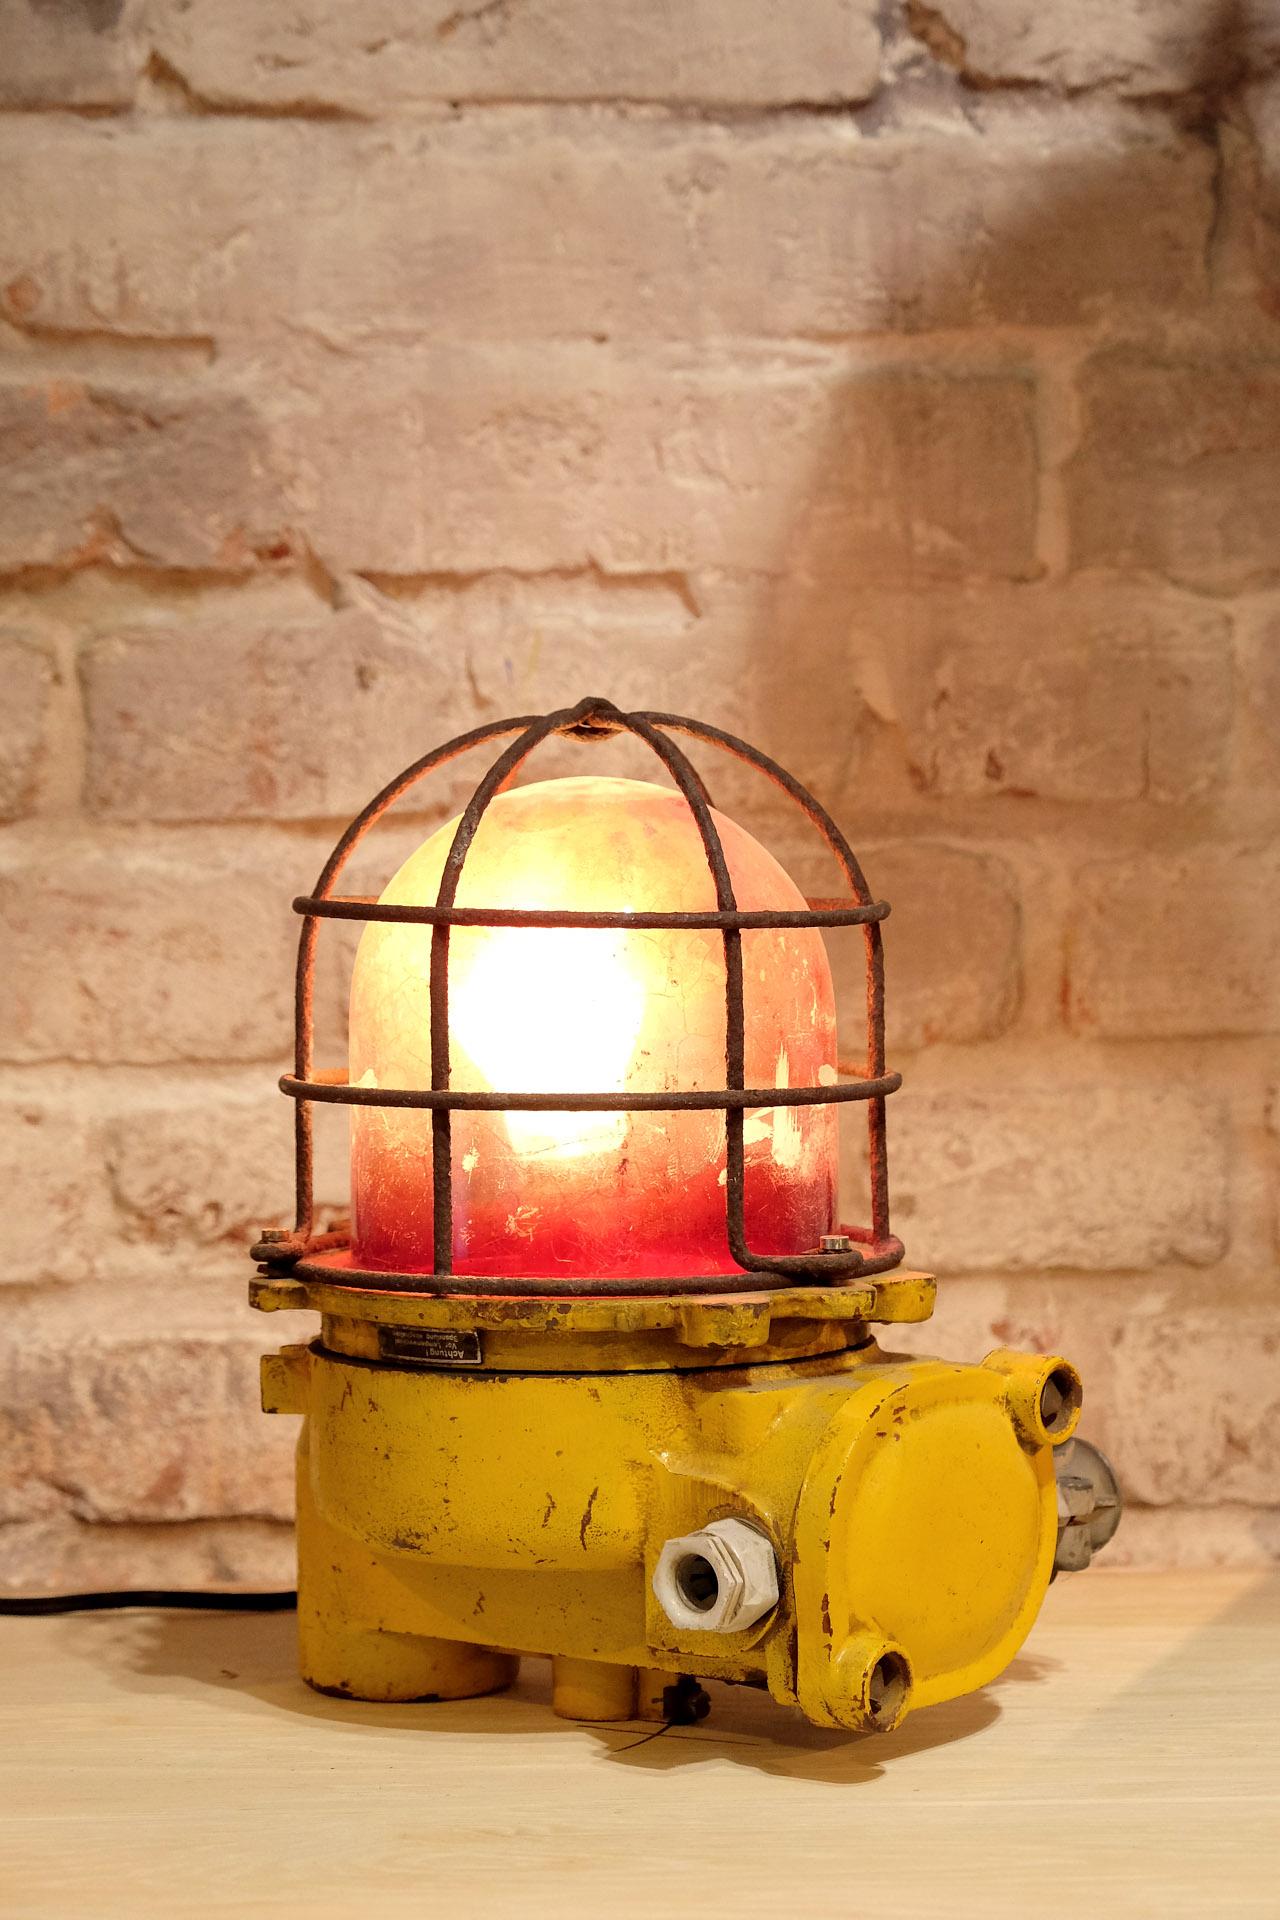 vintage-lampe-fabrik-dekoration-wohnideen-uwevanafferden